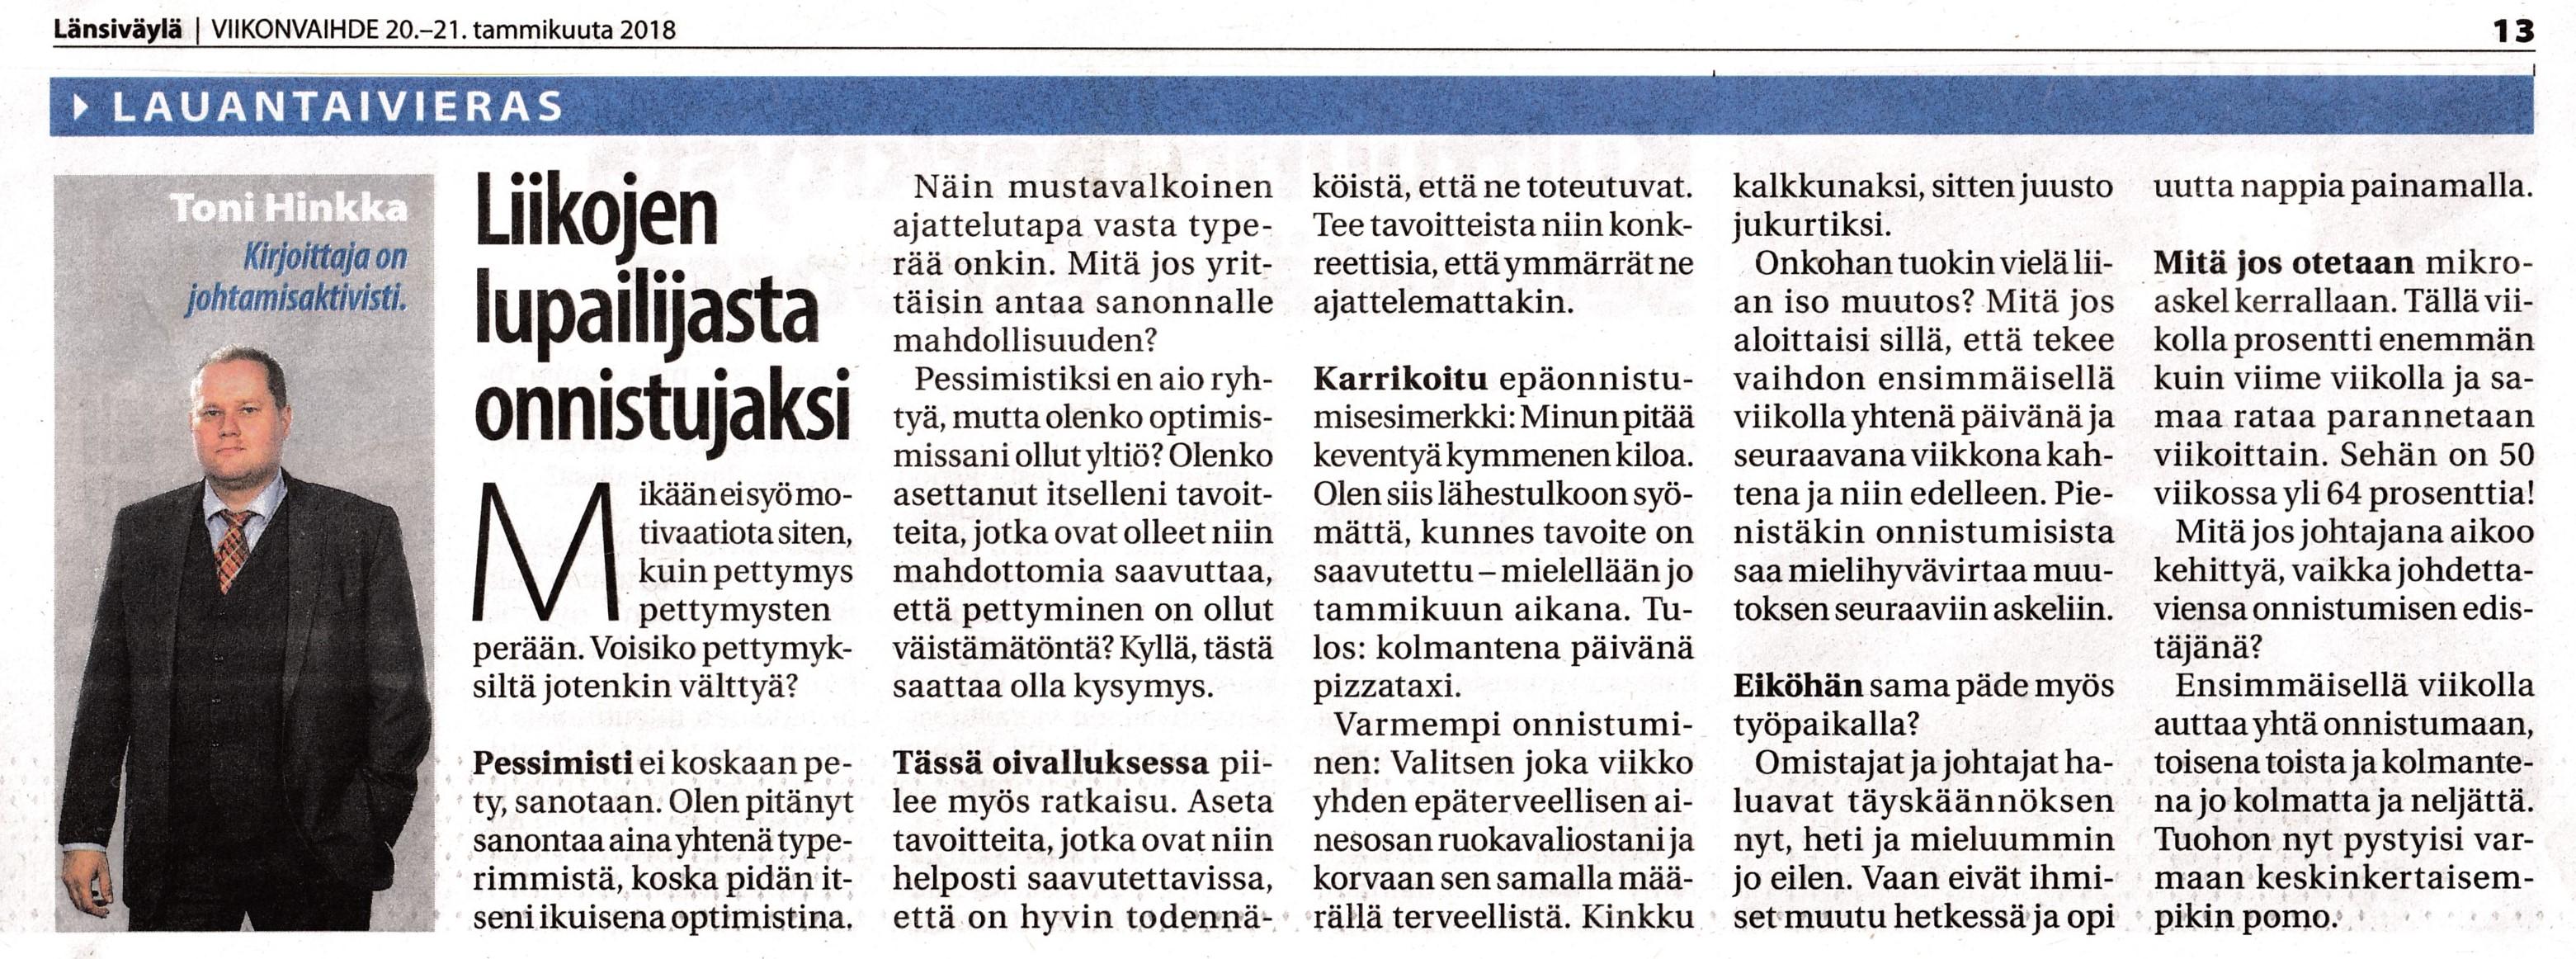 Liikojen lupailijasta onnistujaksi Toni Hinkka Kolumni Länsiväylä 20.1.2018